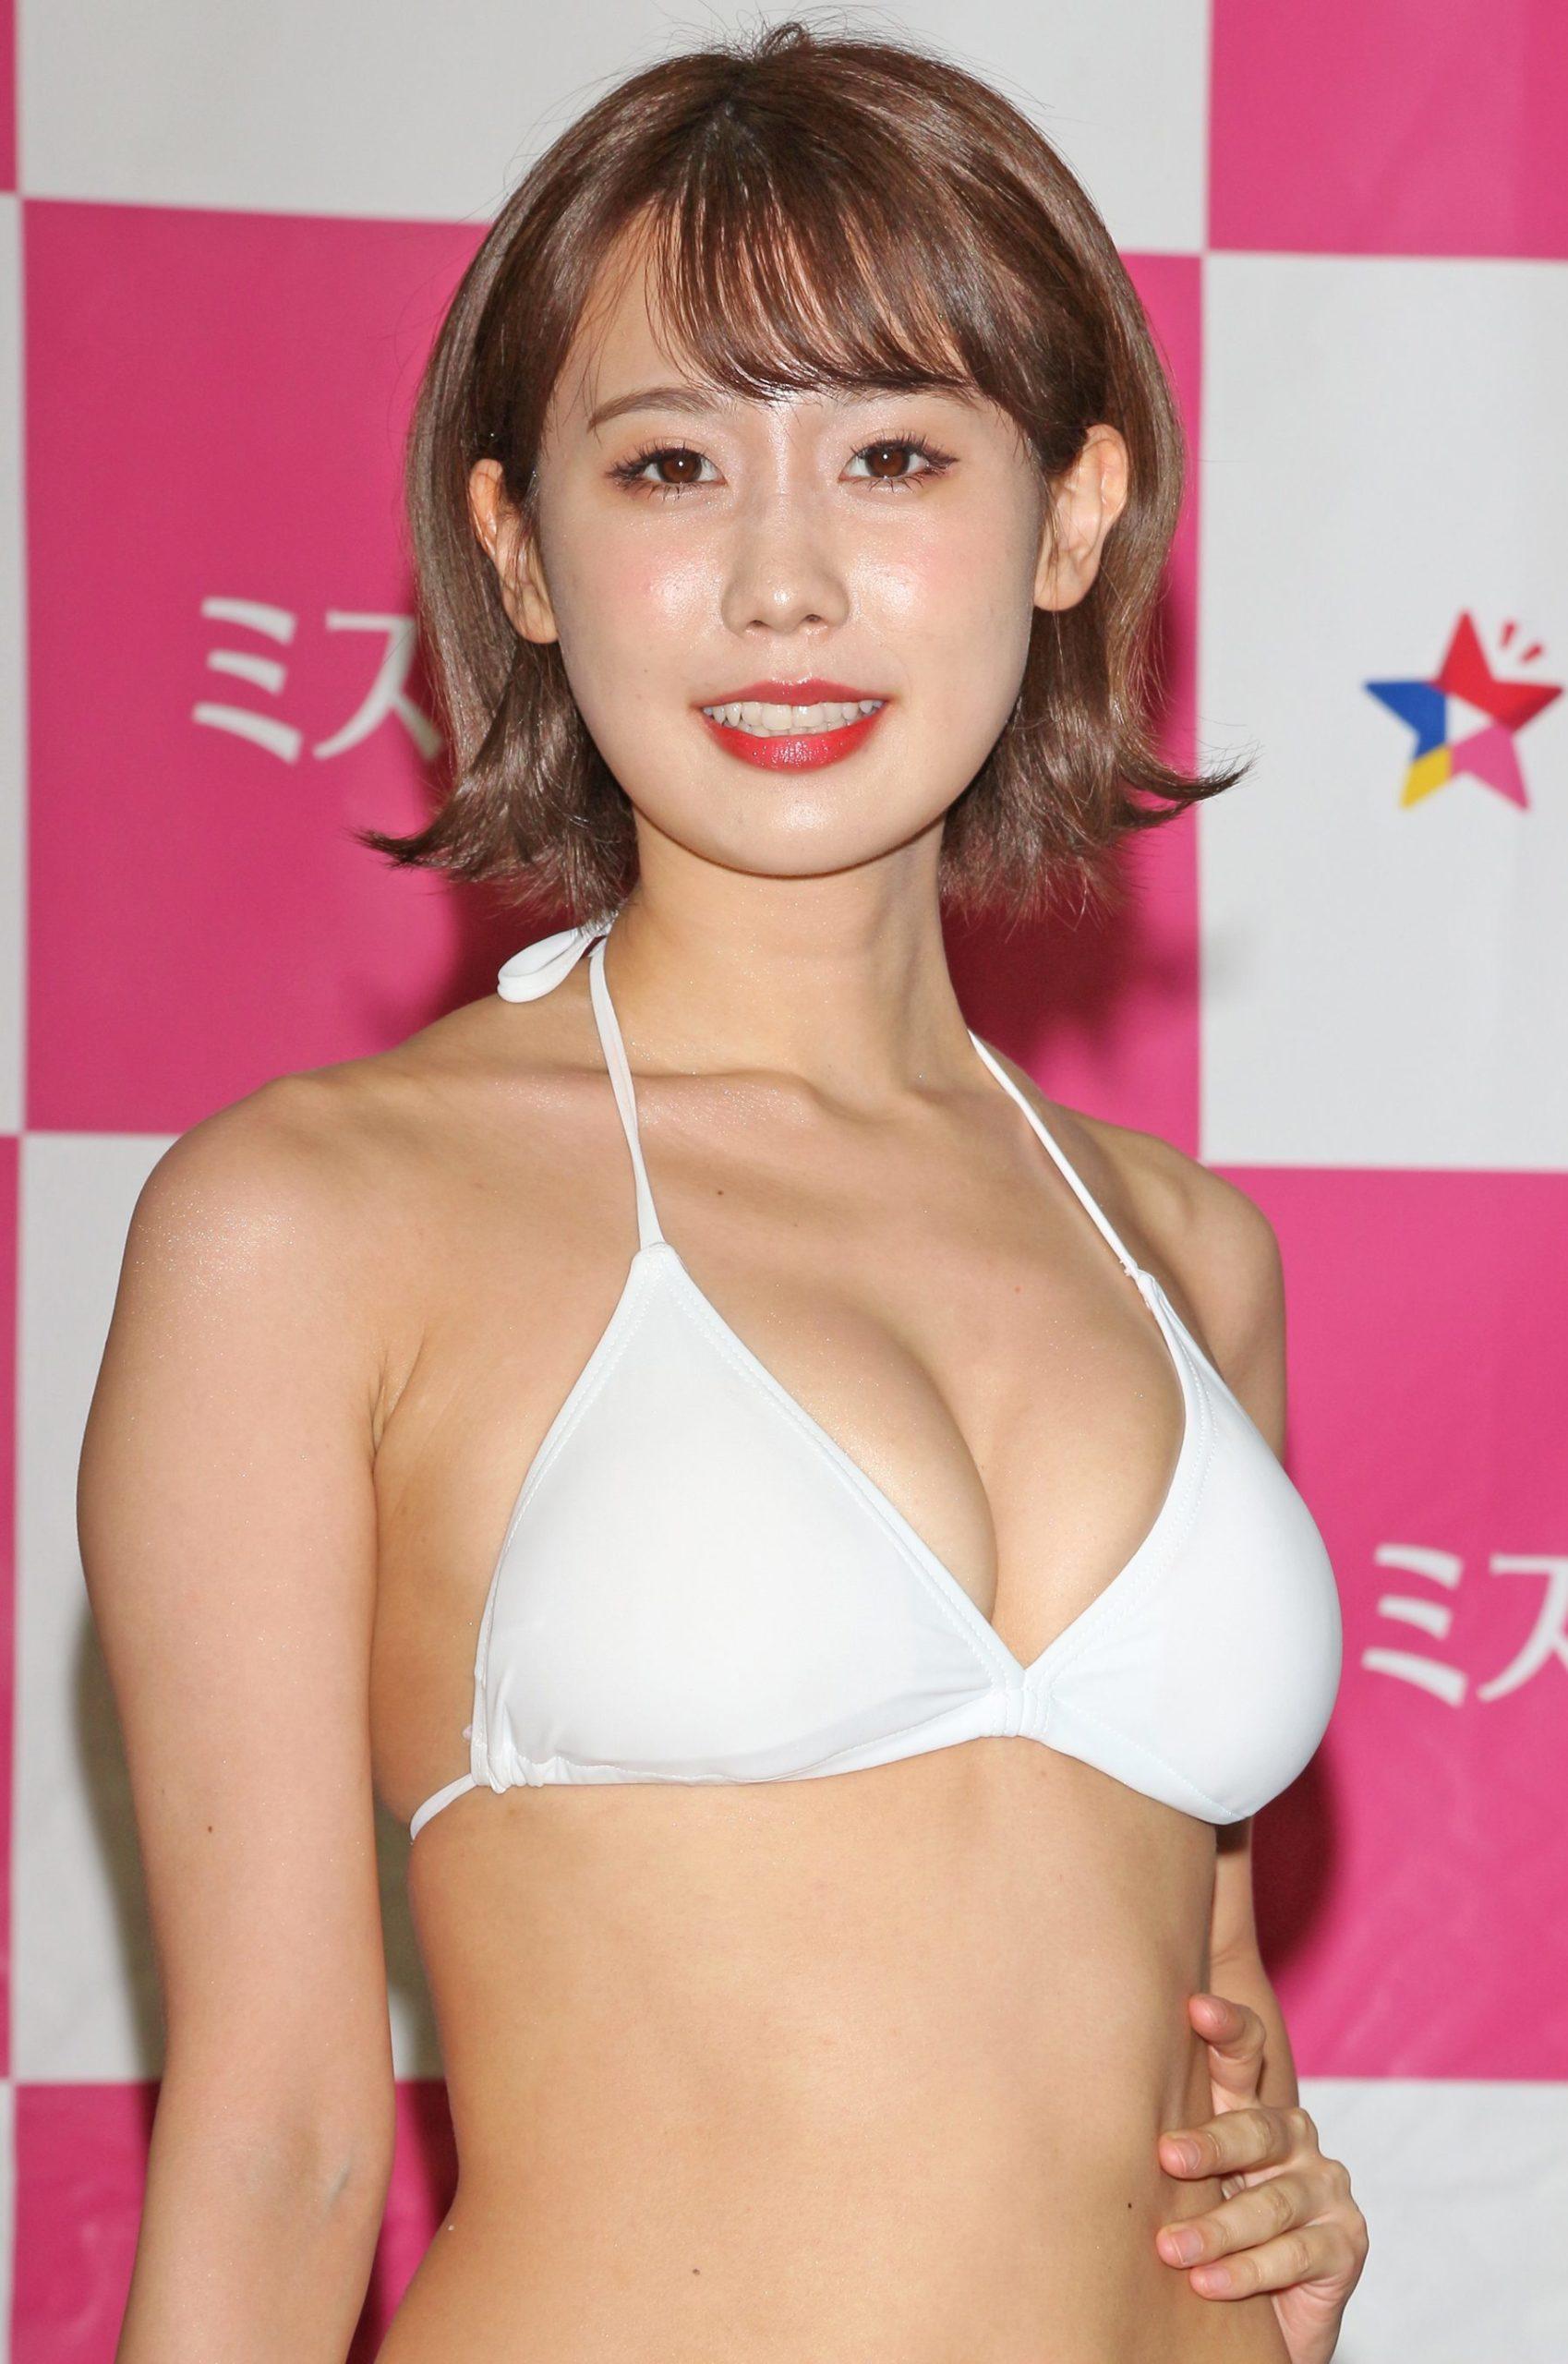 sirabee20200708aiharamisaki3 – ニュースサイトしらべぇ